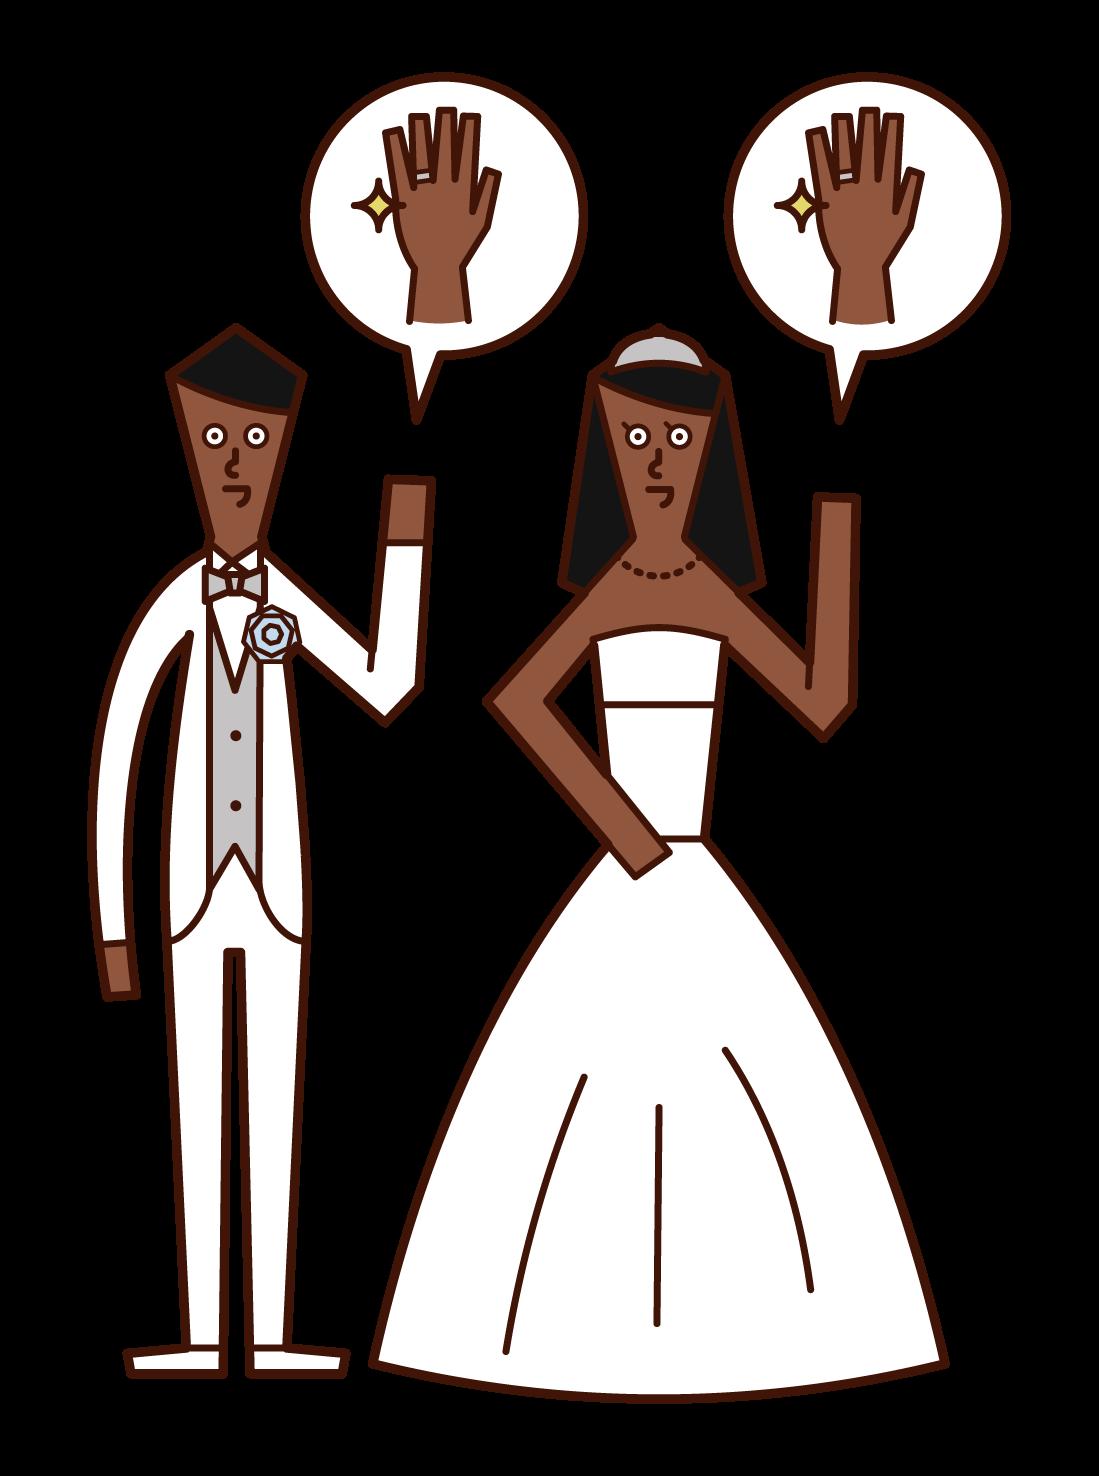 結婚指輪を披露する新郎新婦のイラスト